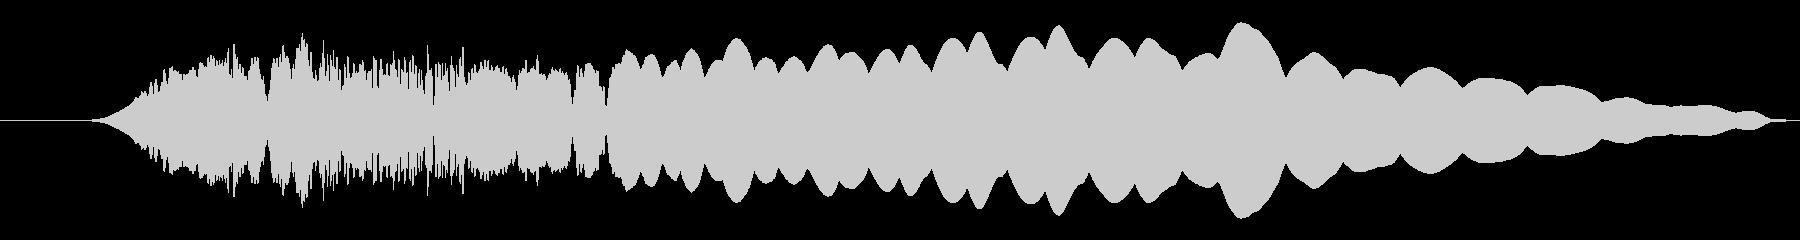 パズル_ボタン_ガチャンの未再生の波形